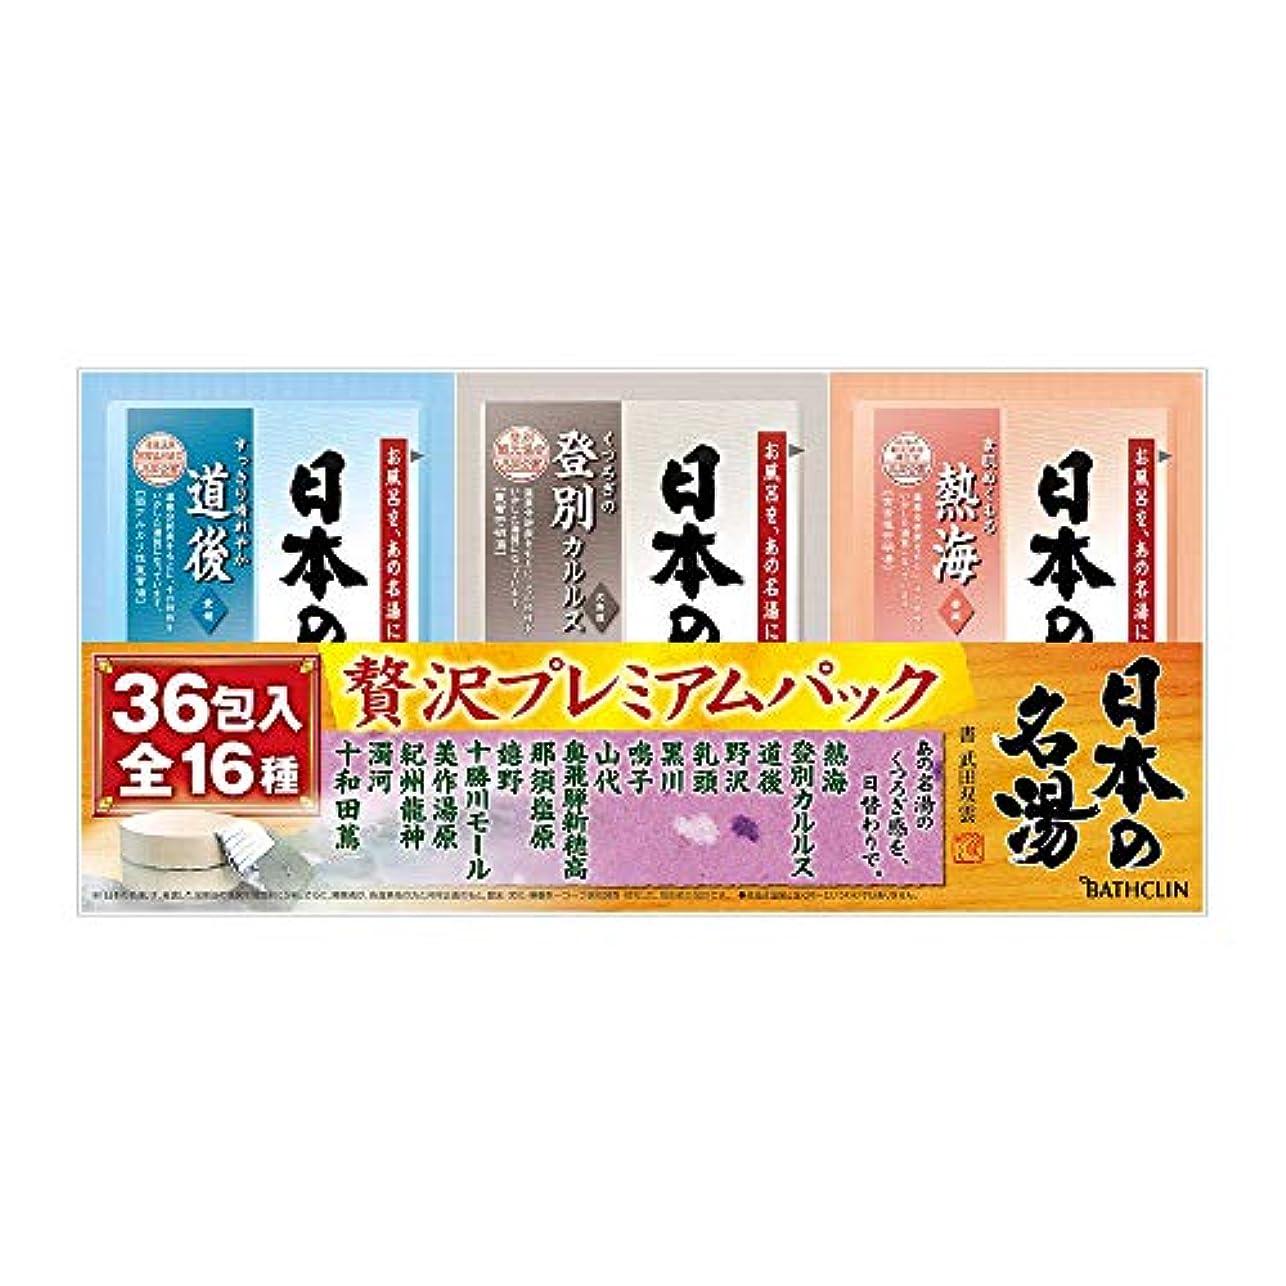 満足石油不利【医薬部外品/大容量】日本の名湯入浴剤 贅沢プレミアムパック36包入 個包装 詰め合わせ 温泉タイプ